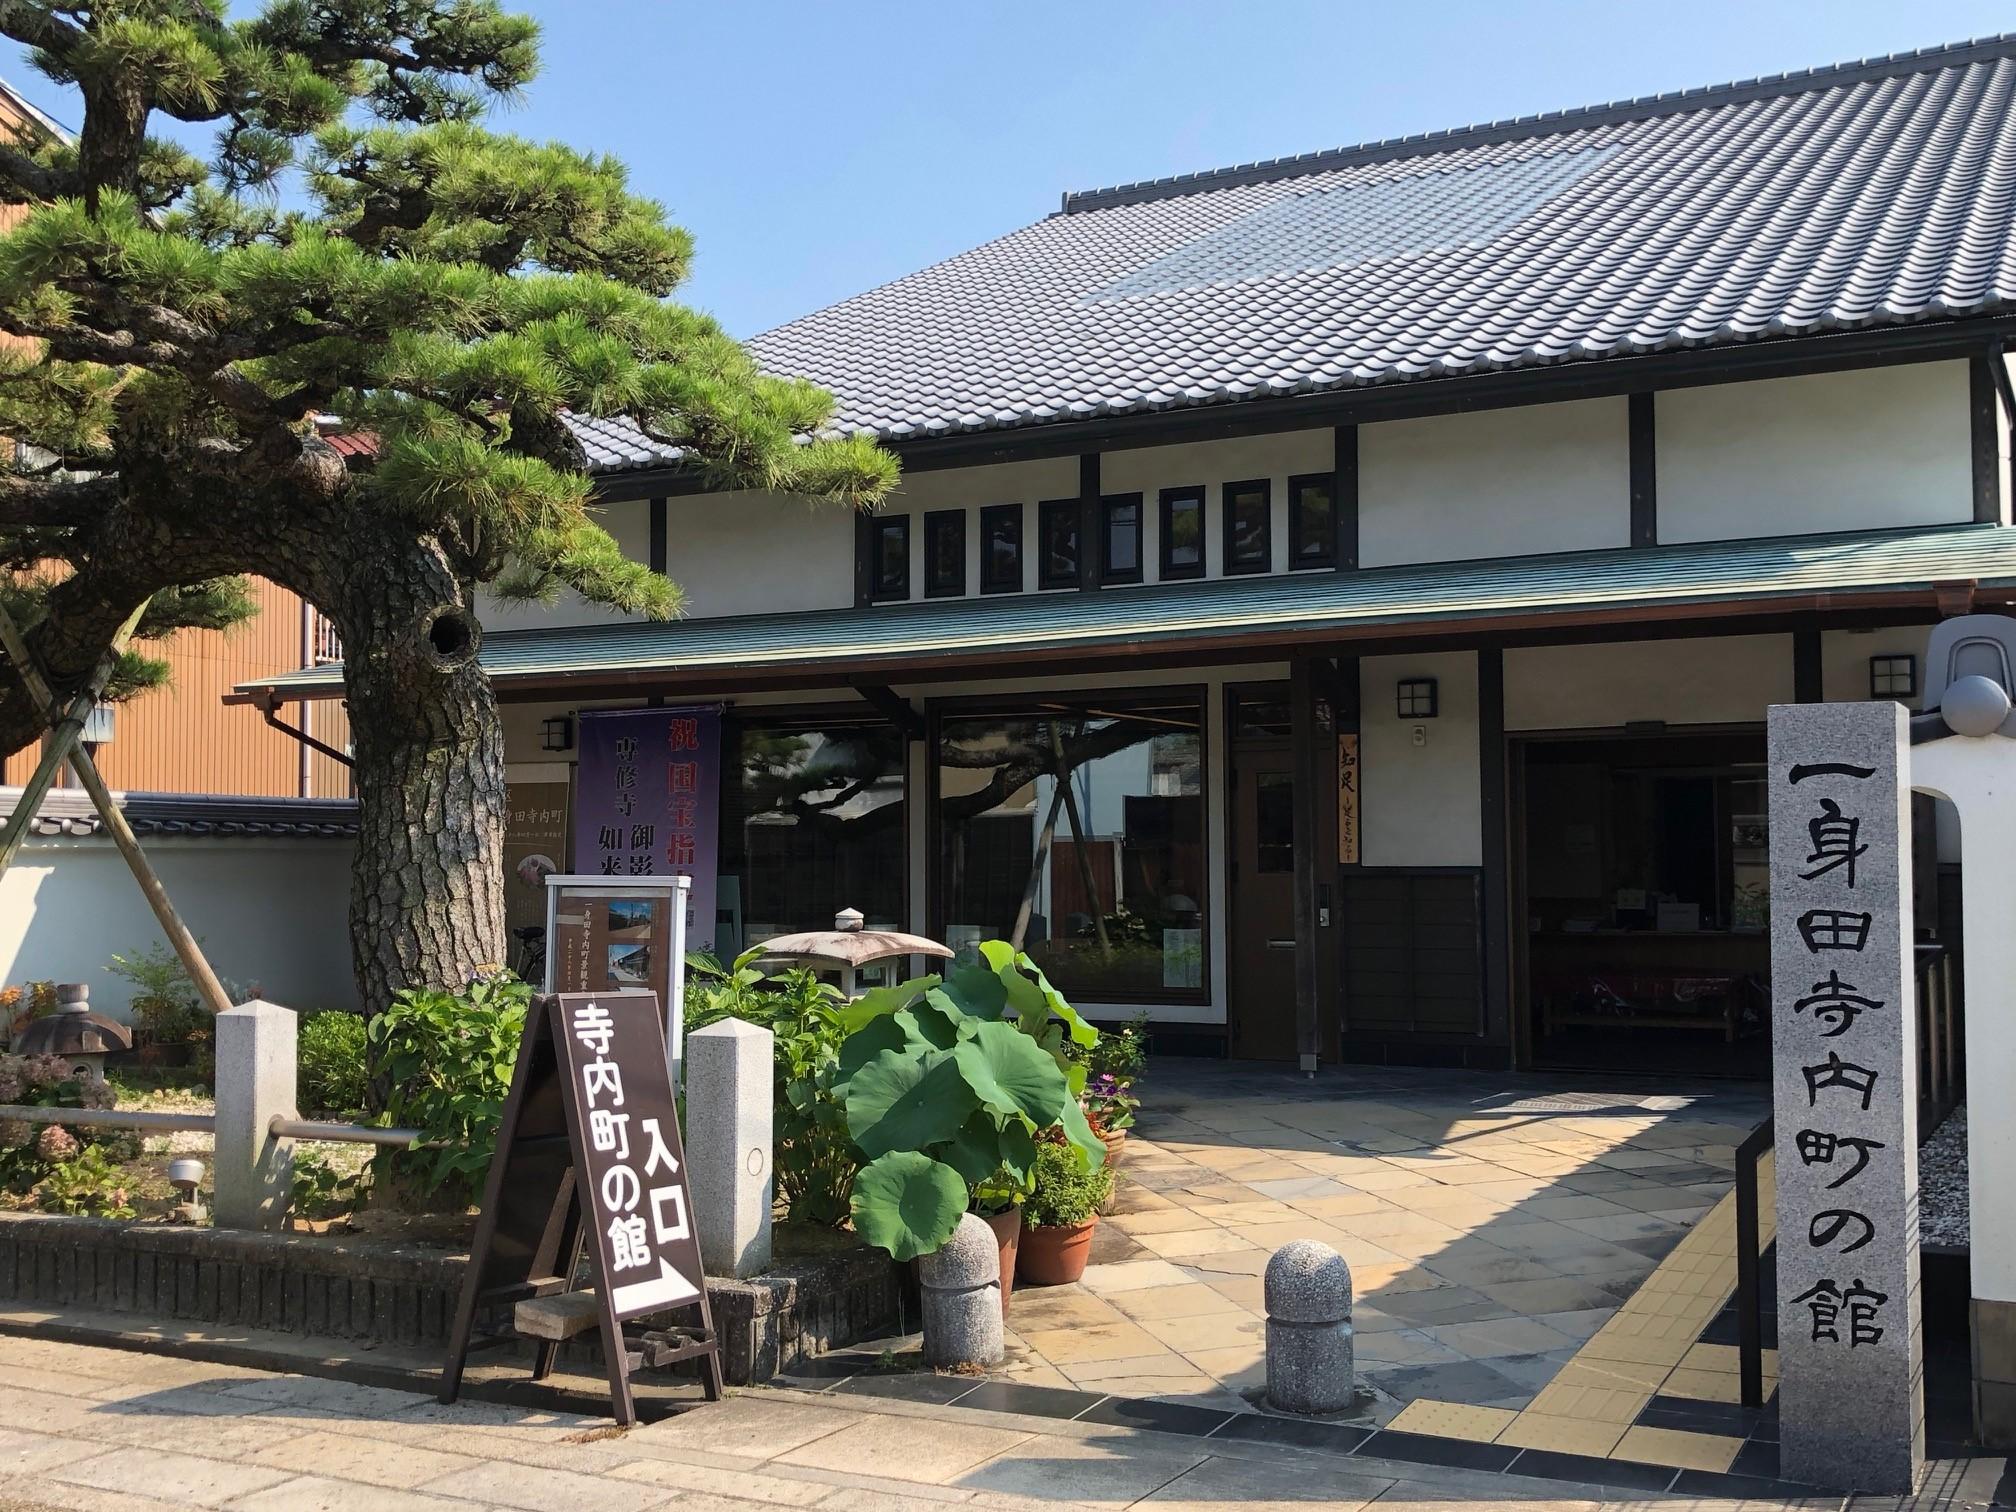 寺内町の館